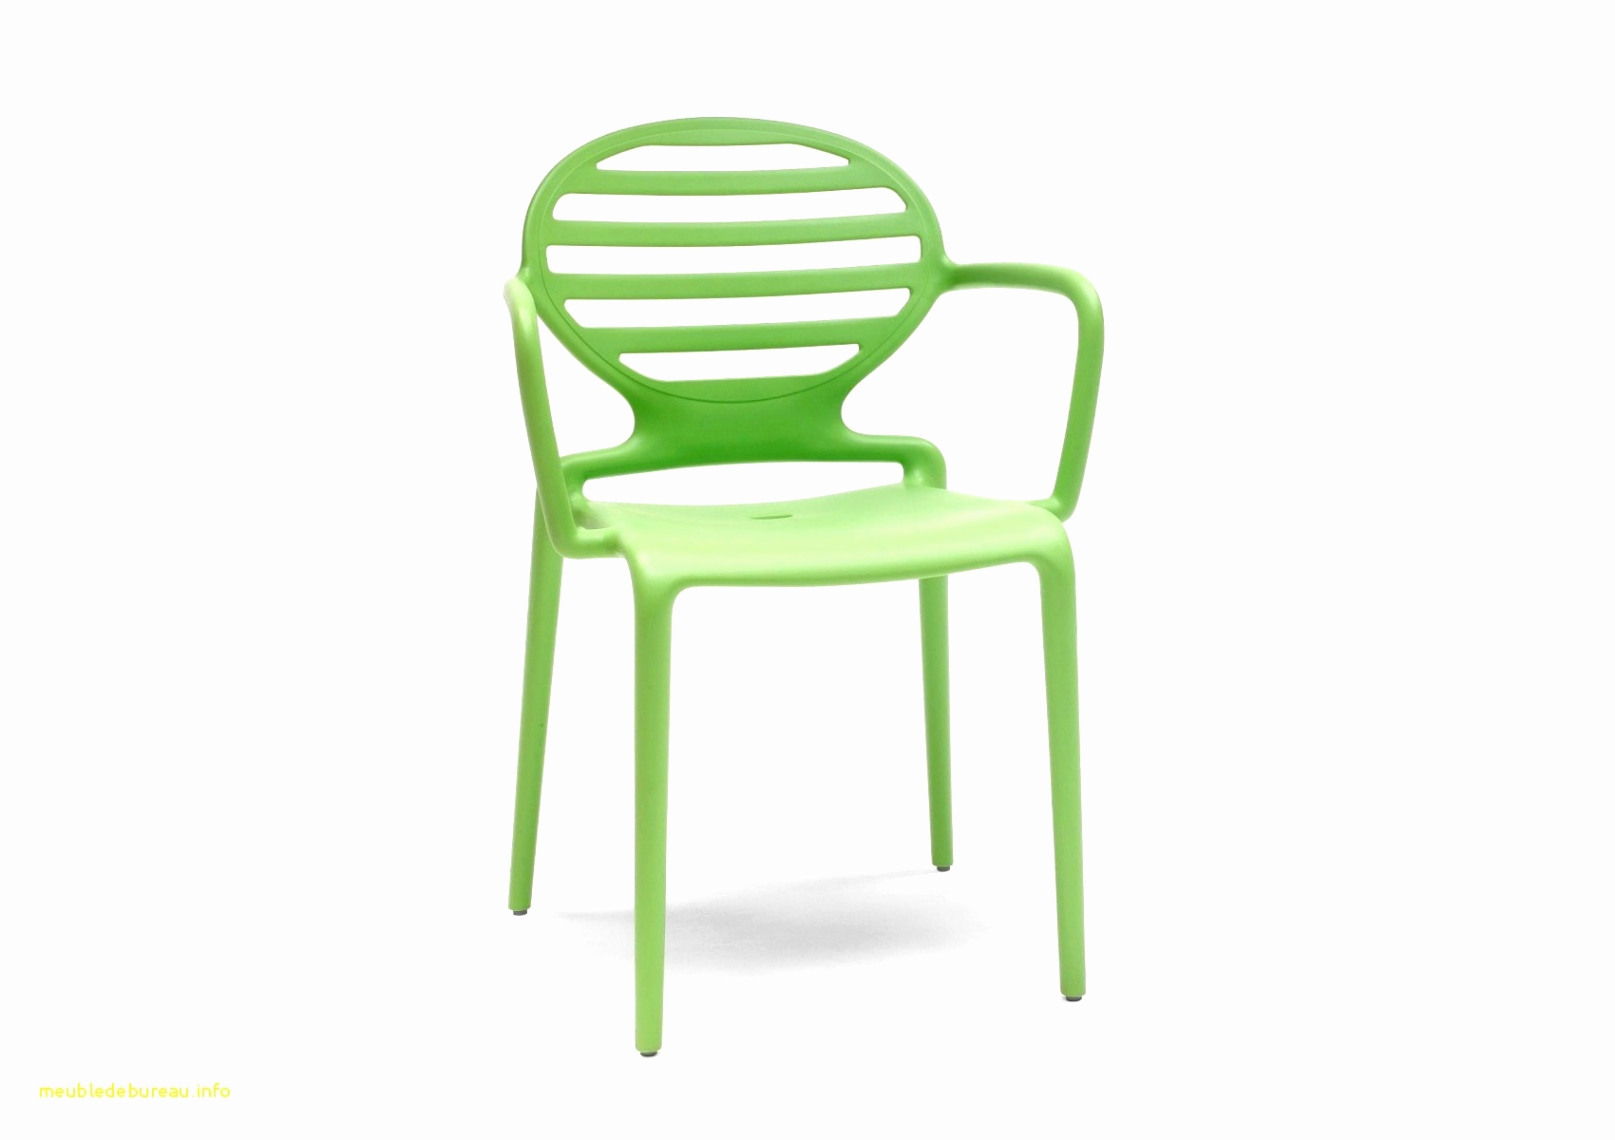 chaise en bois pas cher luxe chaise de salon pas cher beau chaise design cuir chaise de chaise en bois pas cher